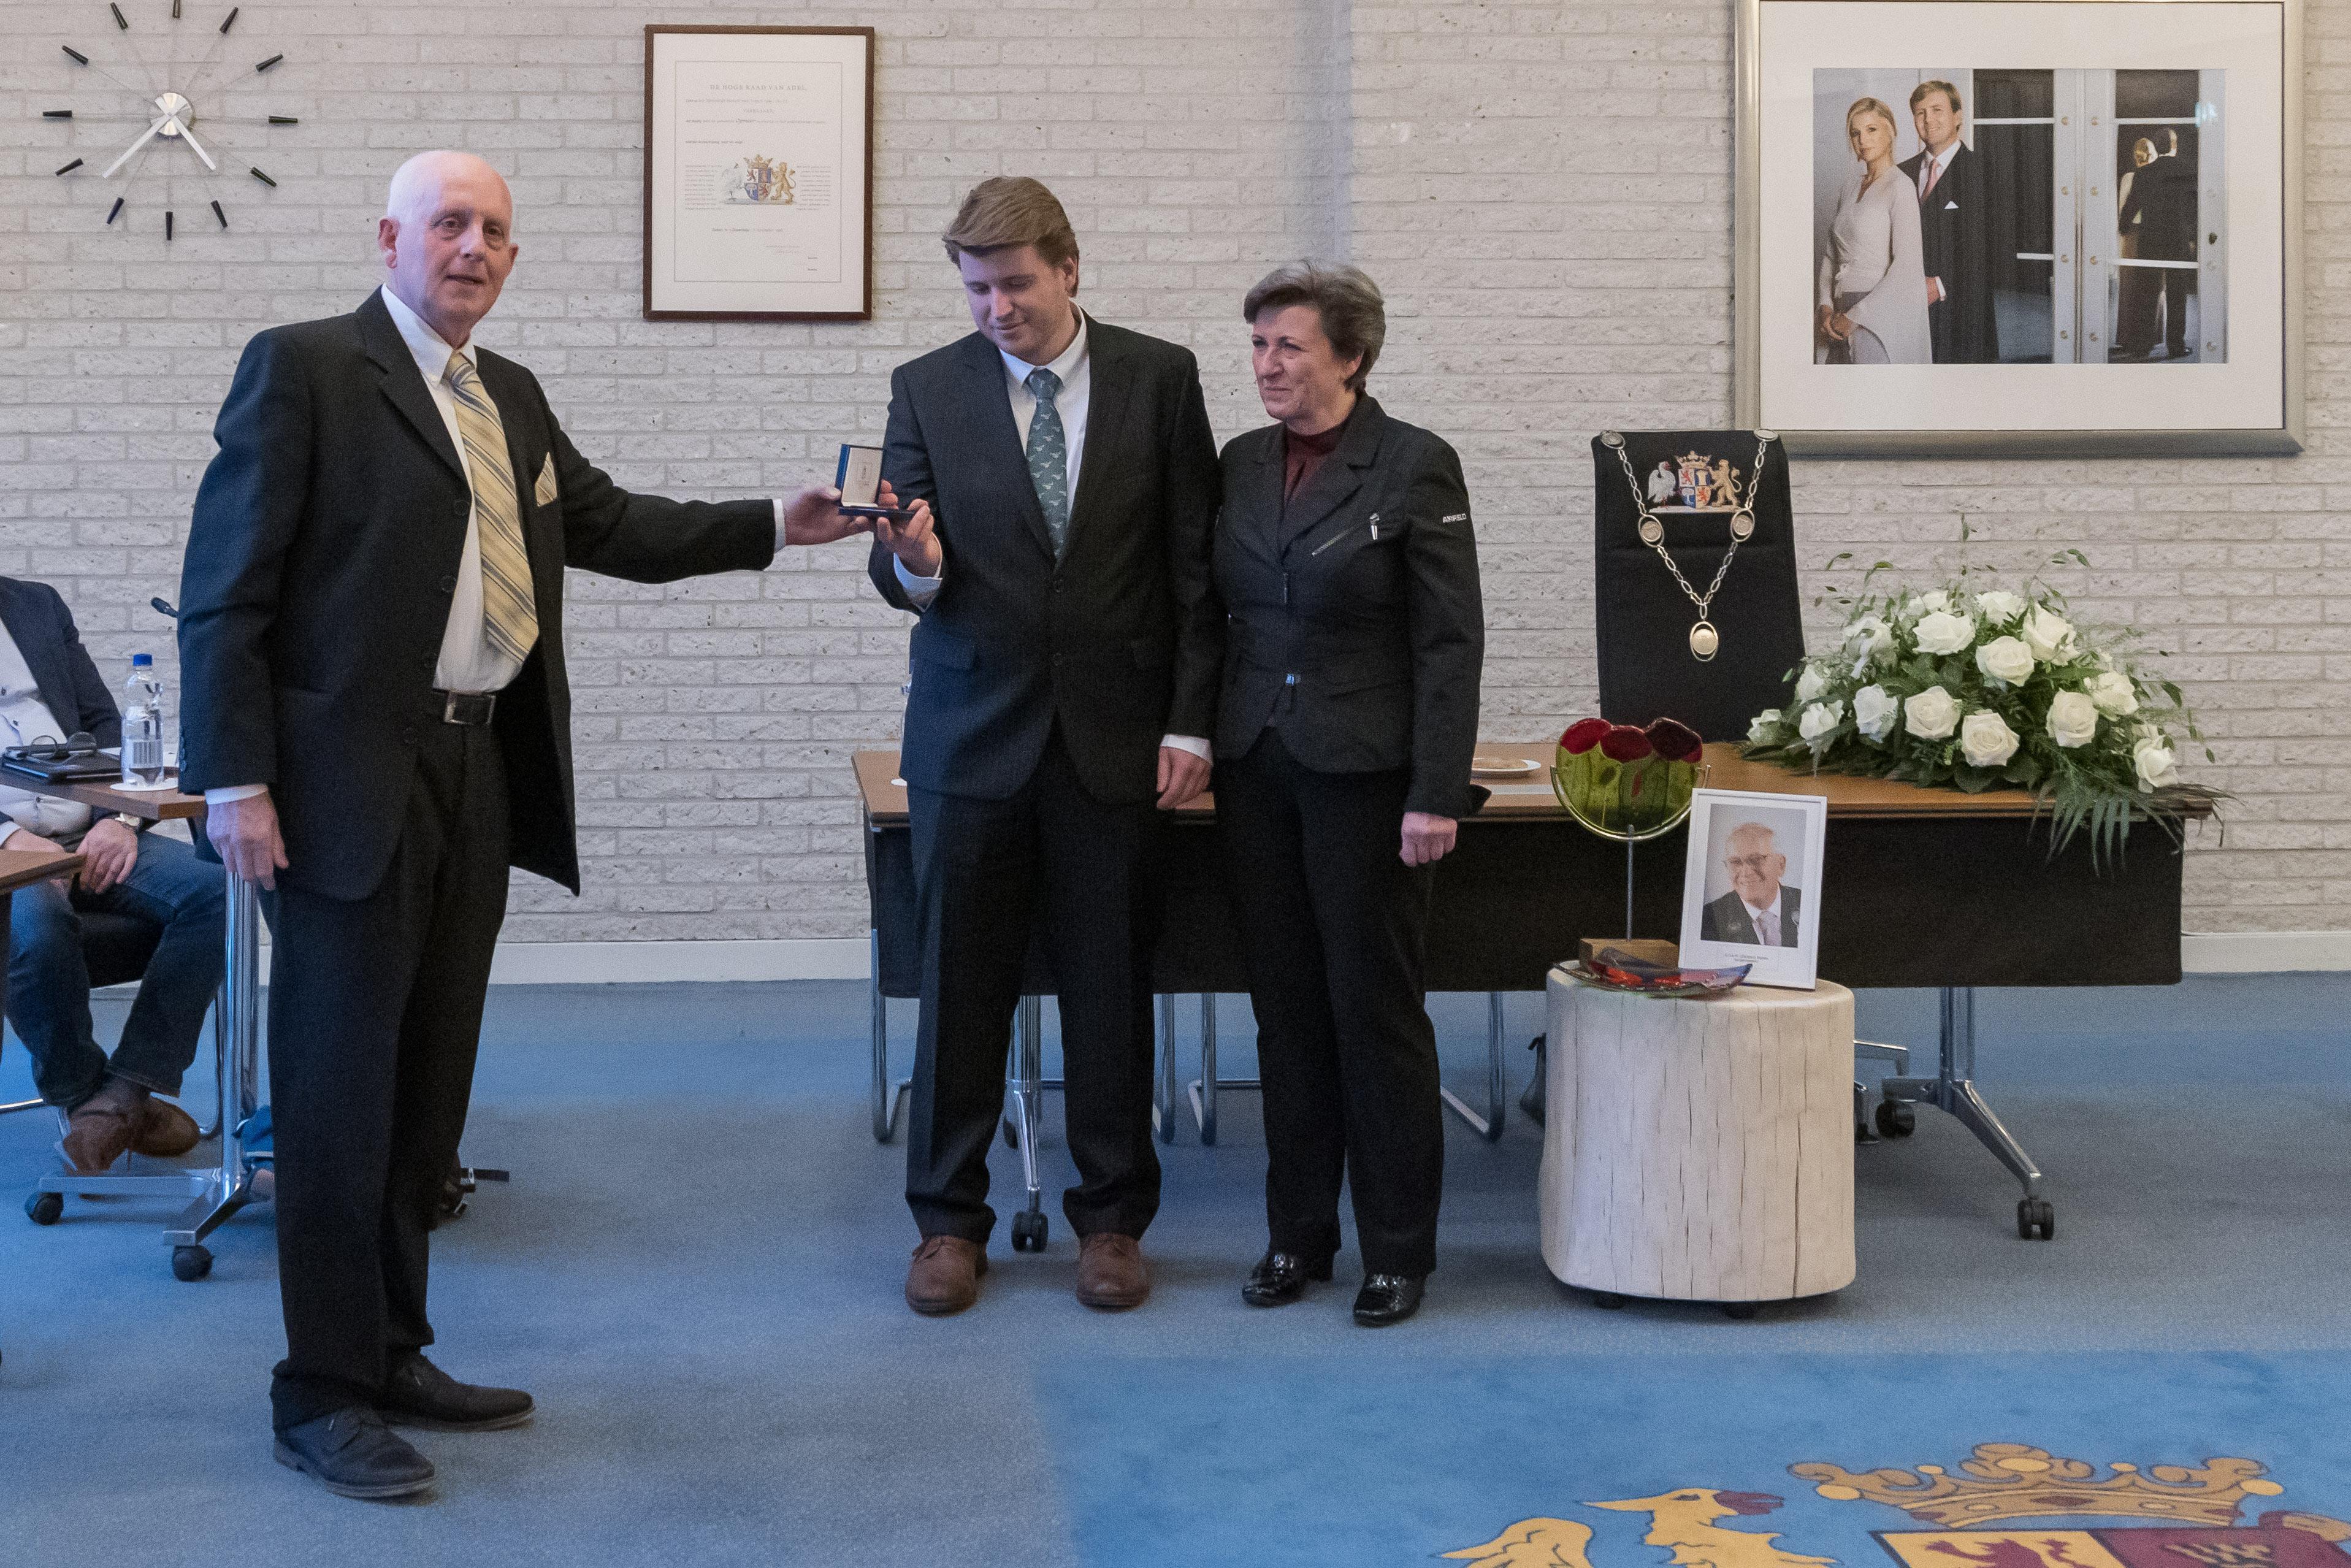 'Wij beseffen nog steeds niet dat Gert Jan nooit meer thuiskomt'. Emotioneel dankwoord weduwe burgemeester Nijpels tijdens herdenking